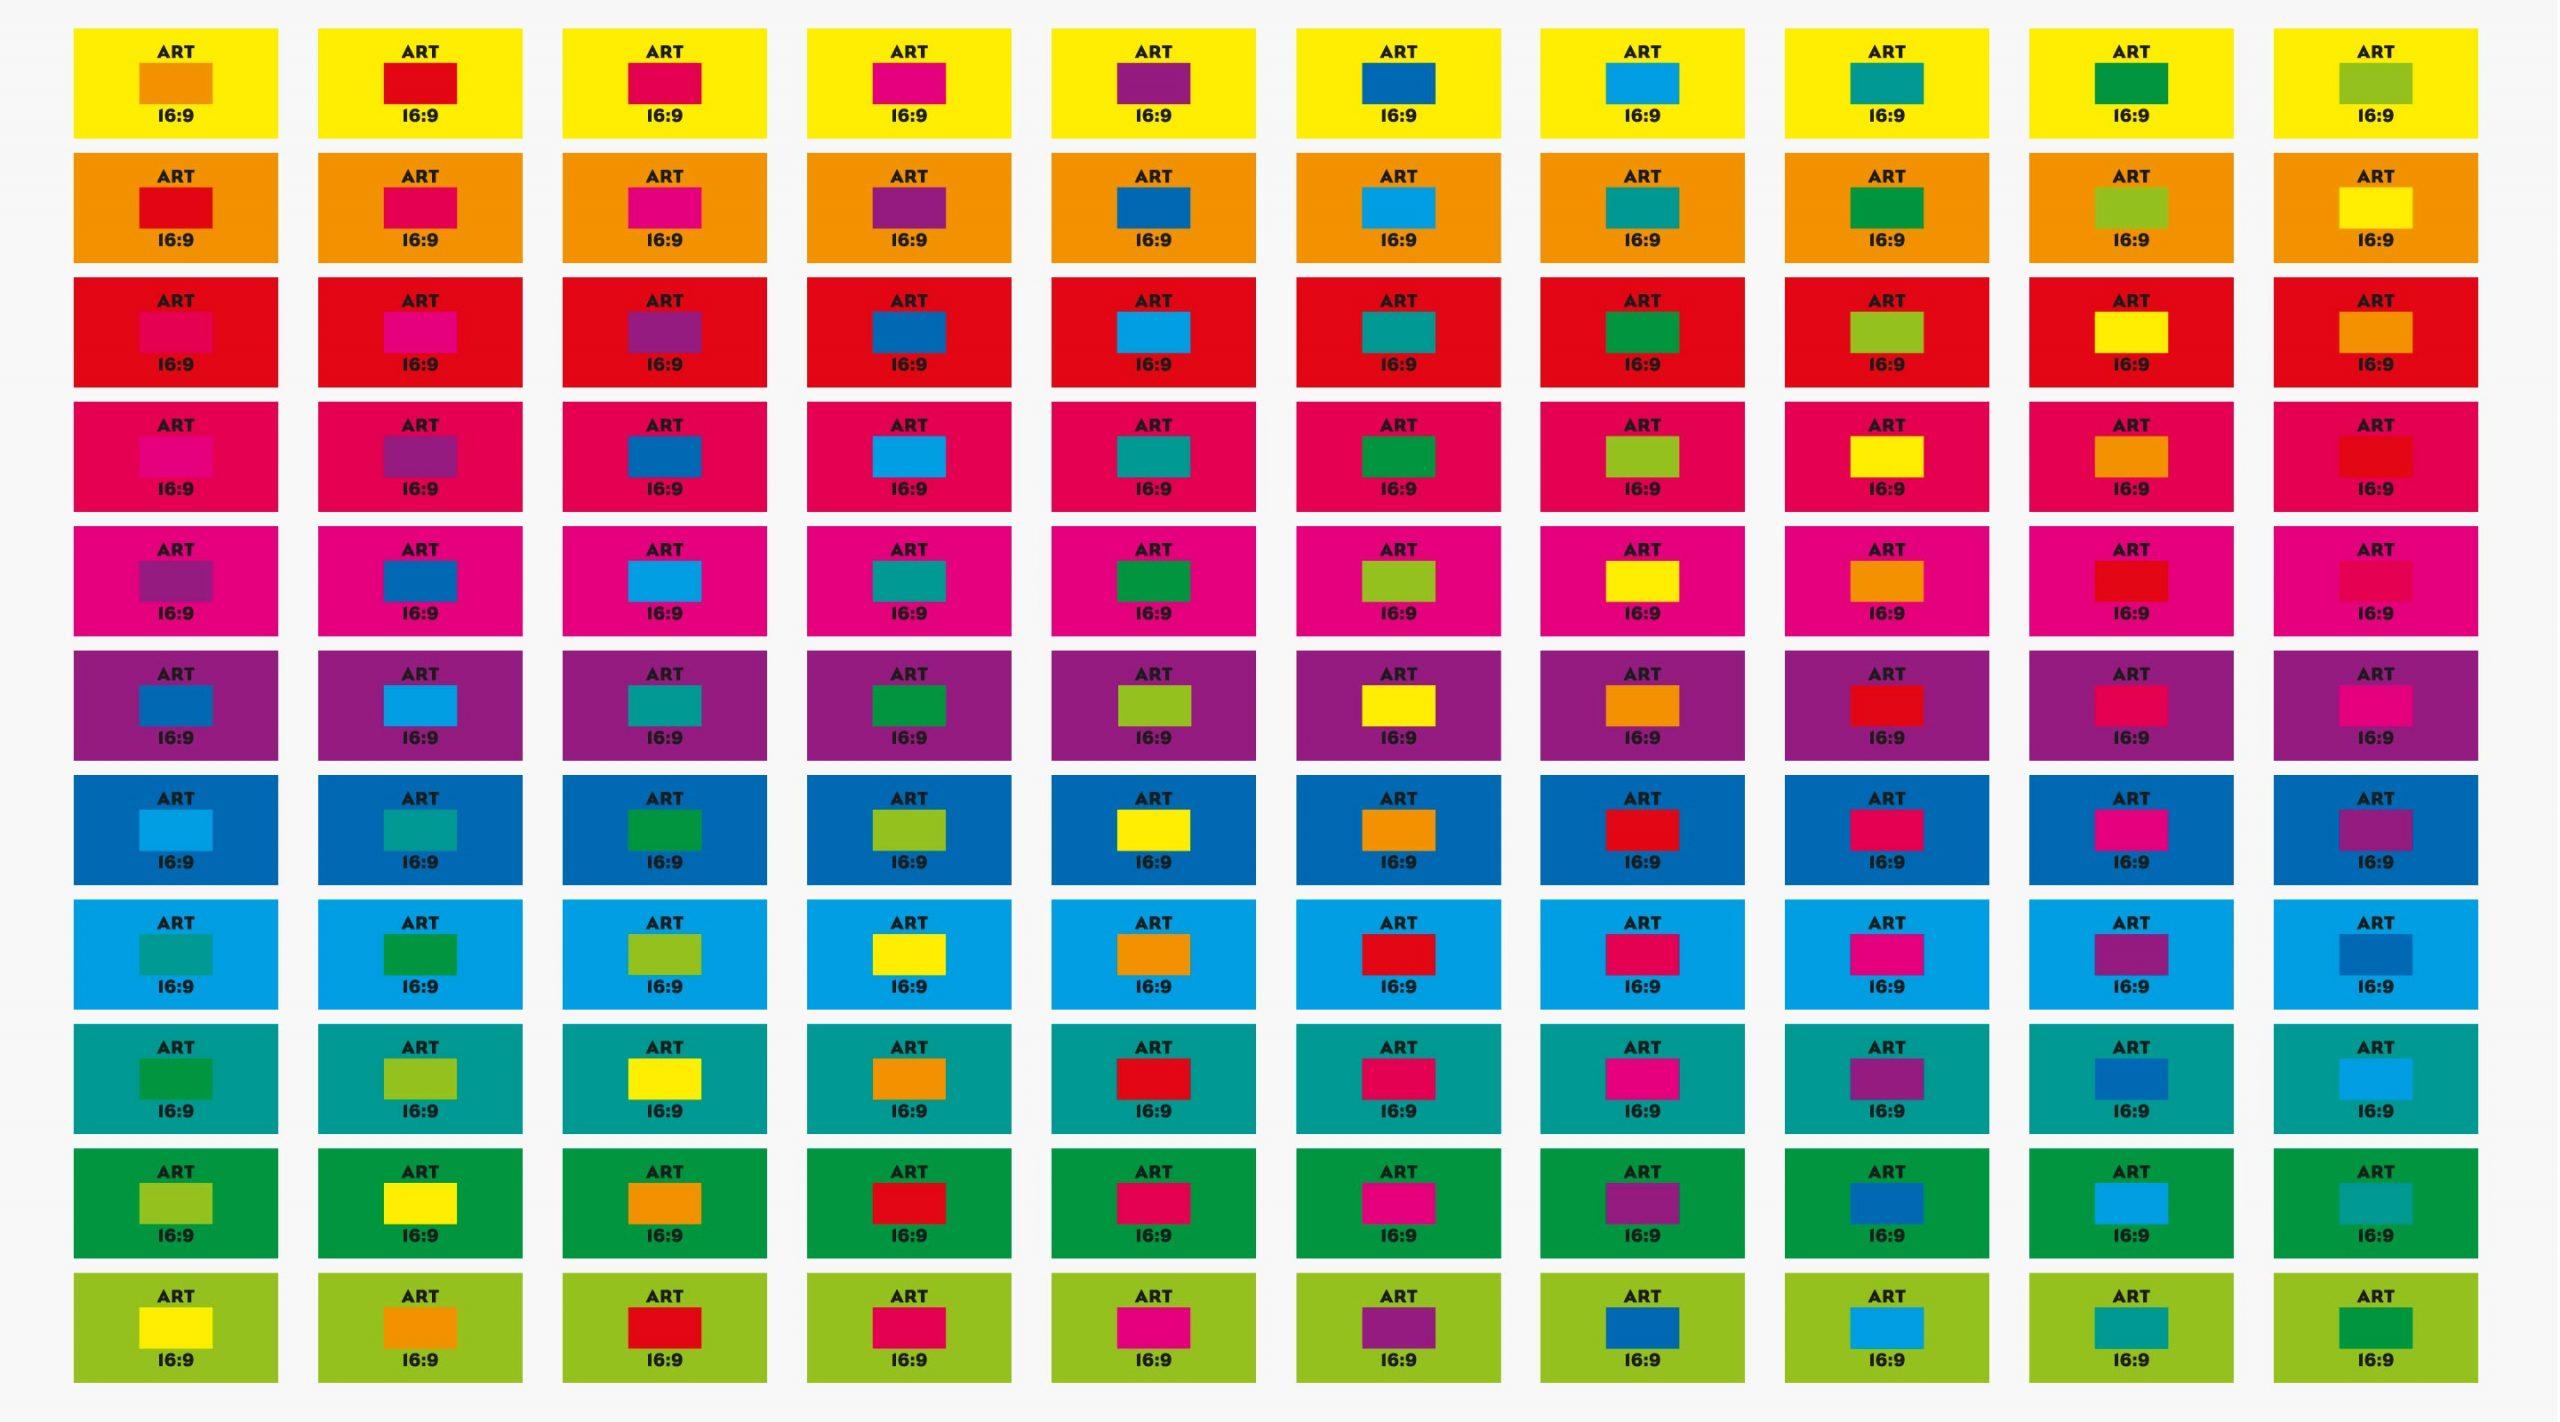 ikono.TV Branding visuelles Leitmotiv dynamisches Farbkonzept – Uthmöller und Partner